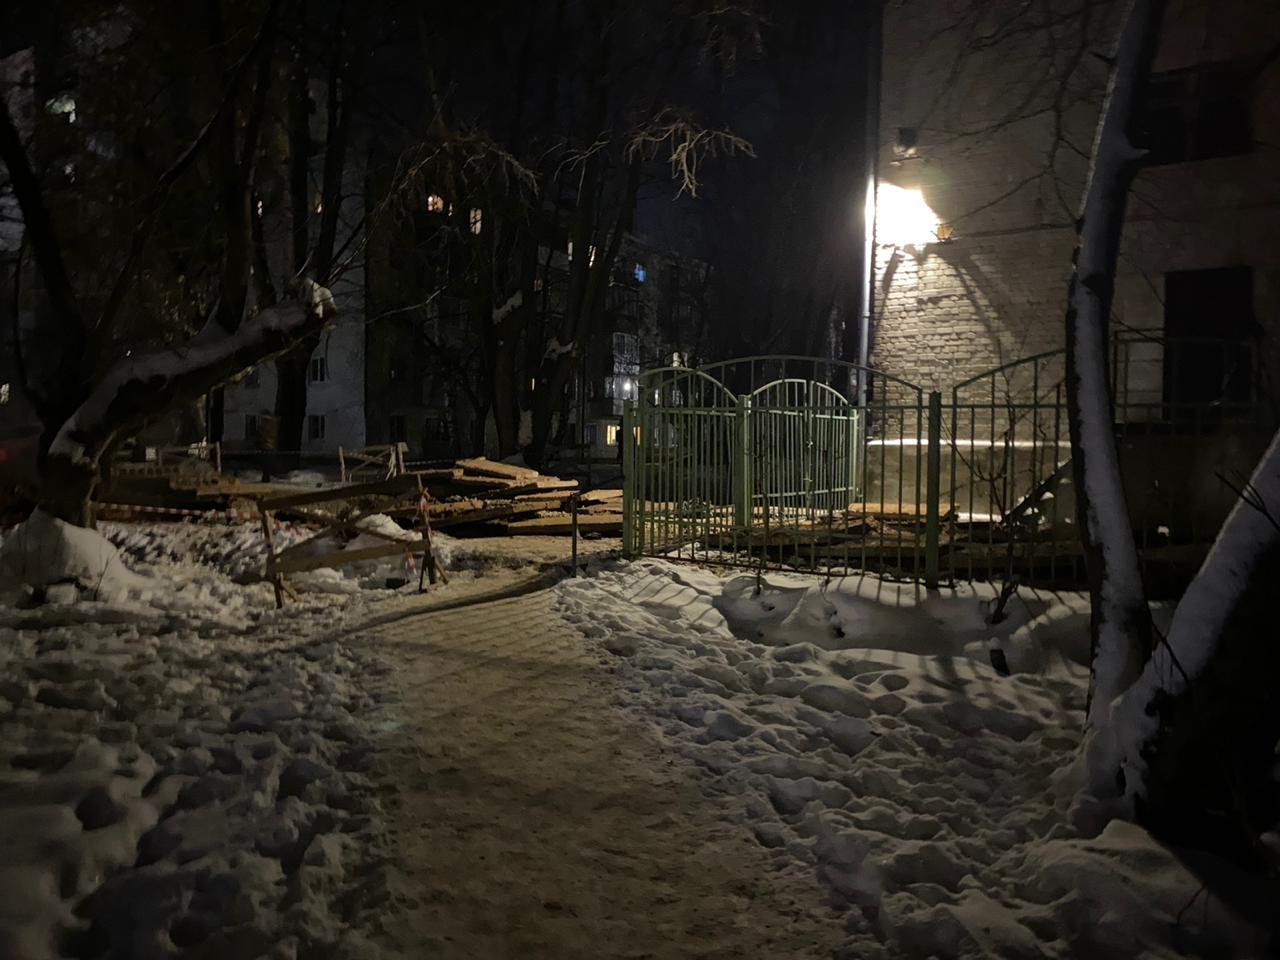 В Кирове после ремонта теплотрассы в траншее нашли труп пенсионера